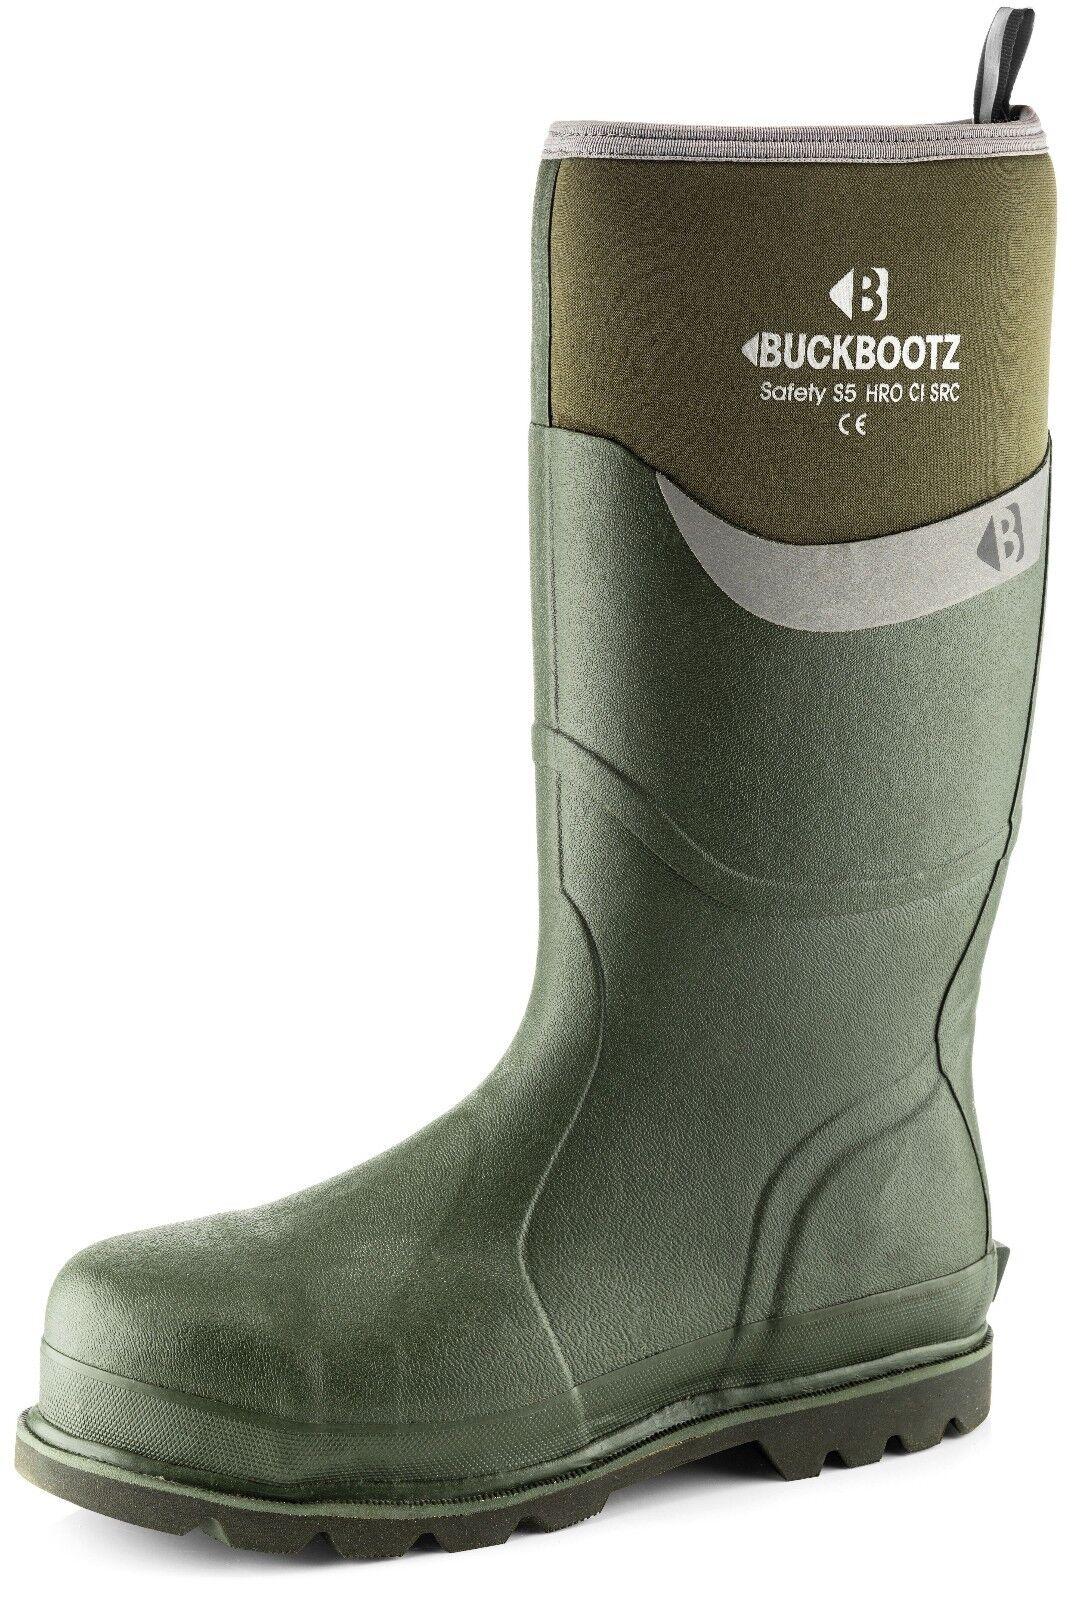 Buckler BBZ6000GR caoutchouc étanche sécurité Vert Wellington Bottes (Taille 5-13)